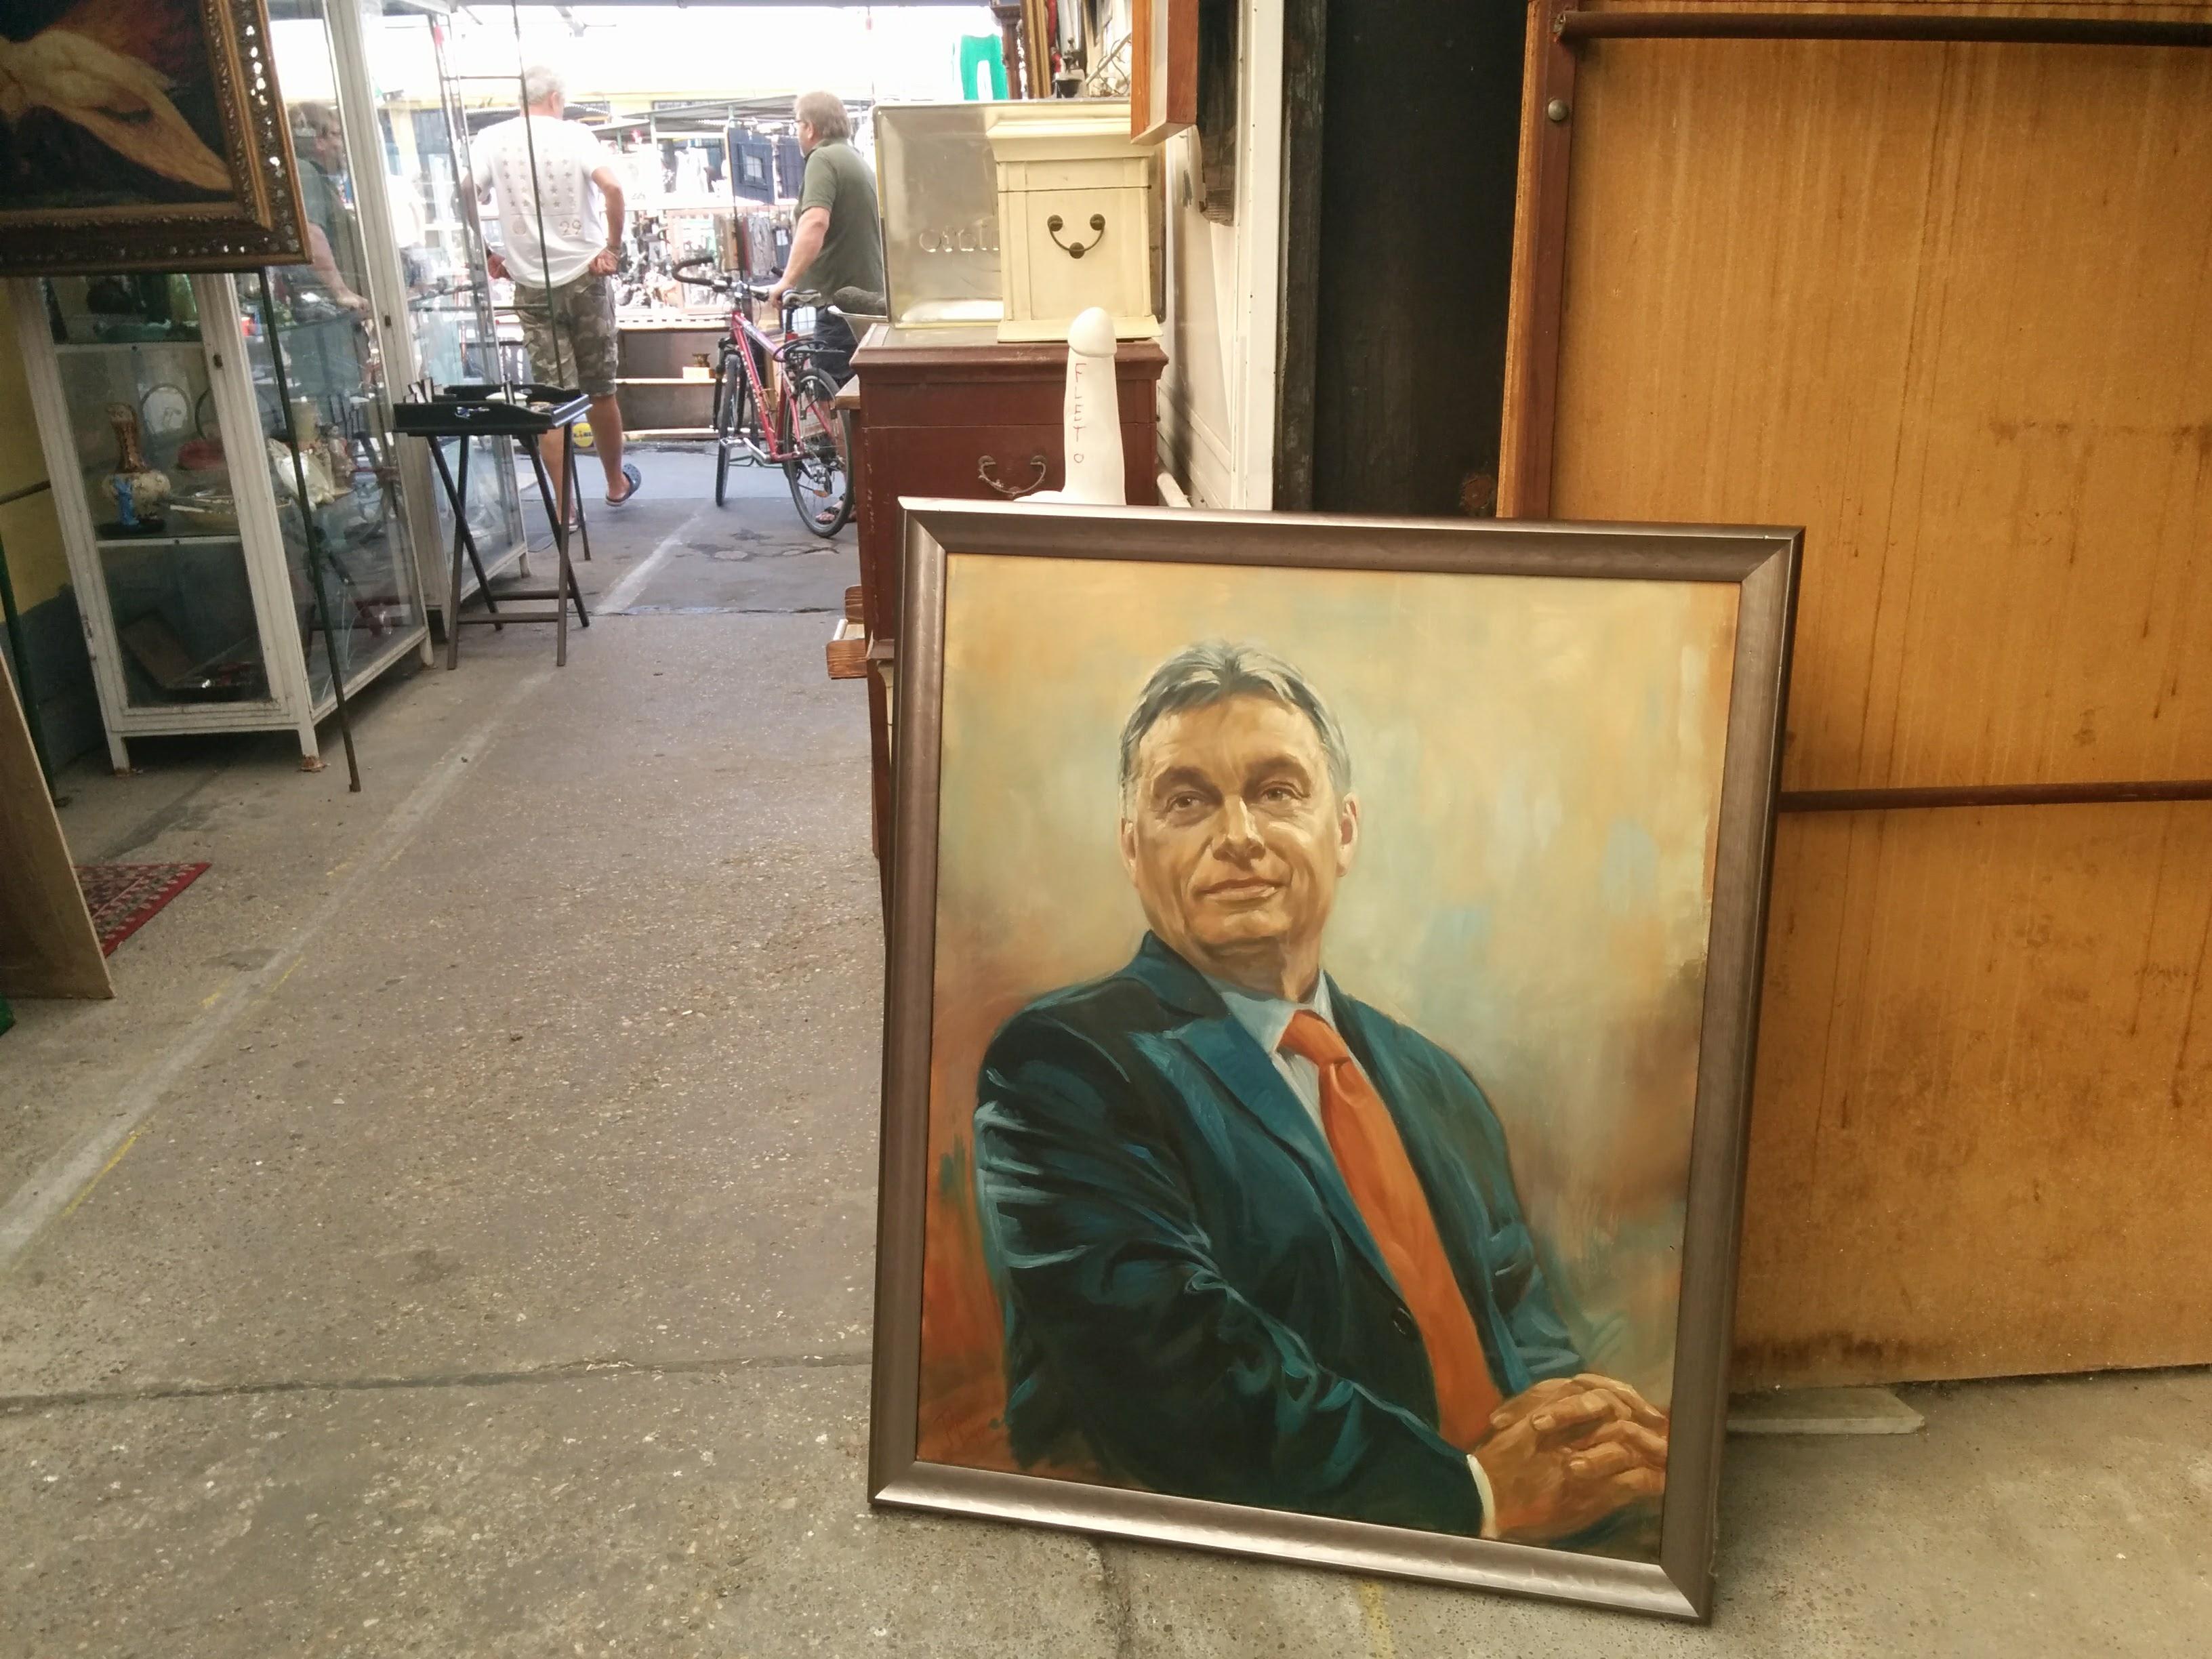 Találd meg a képen Gyurcsány Ferencet!